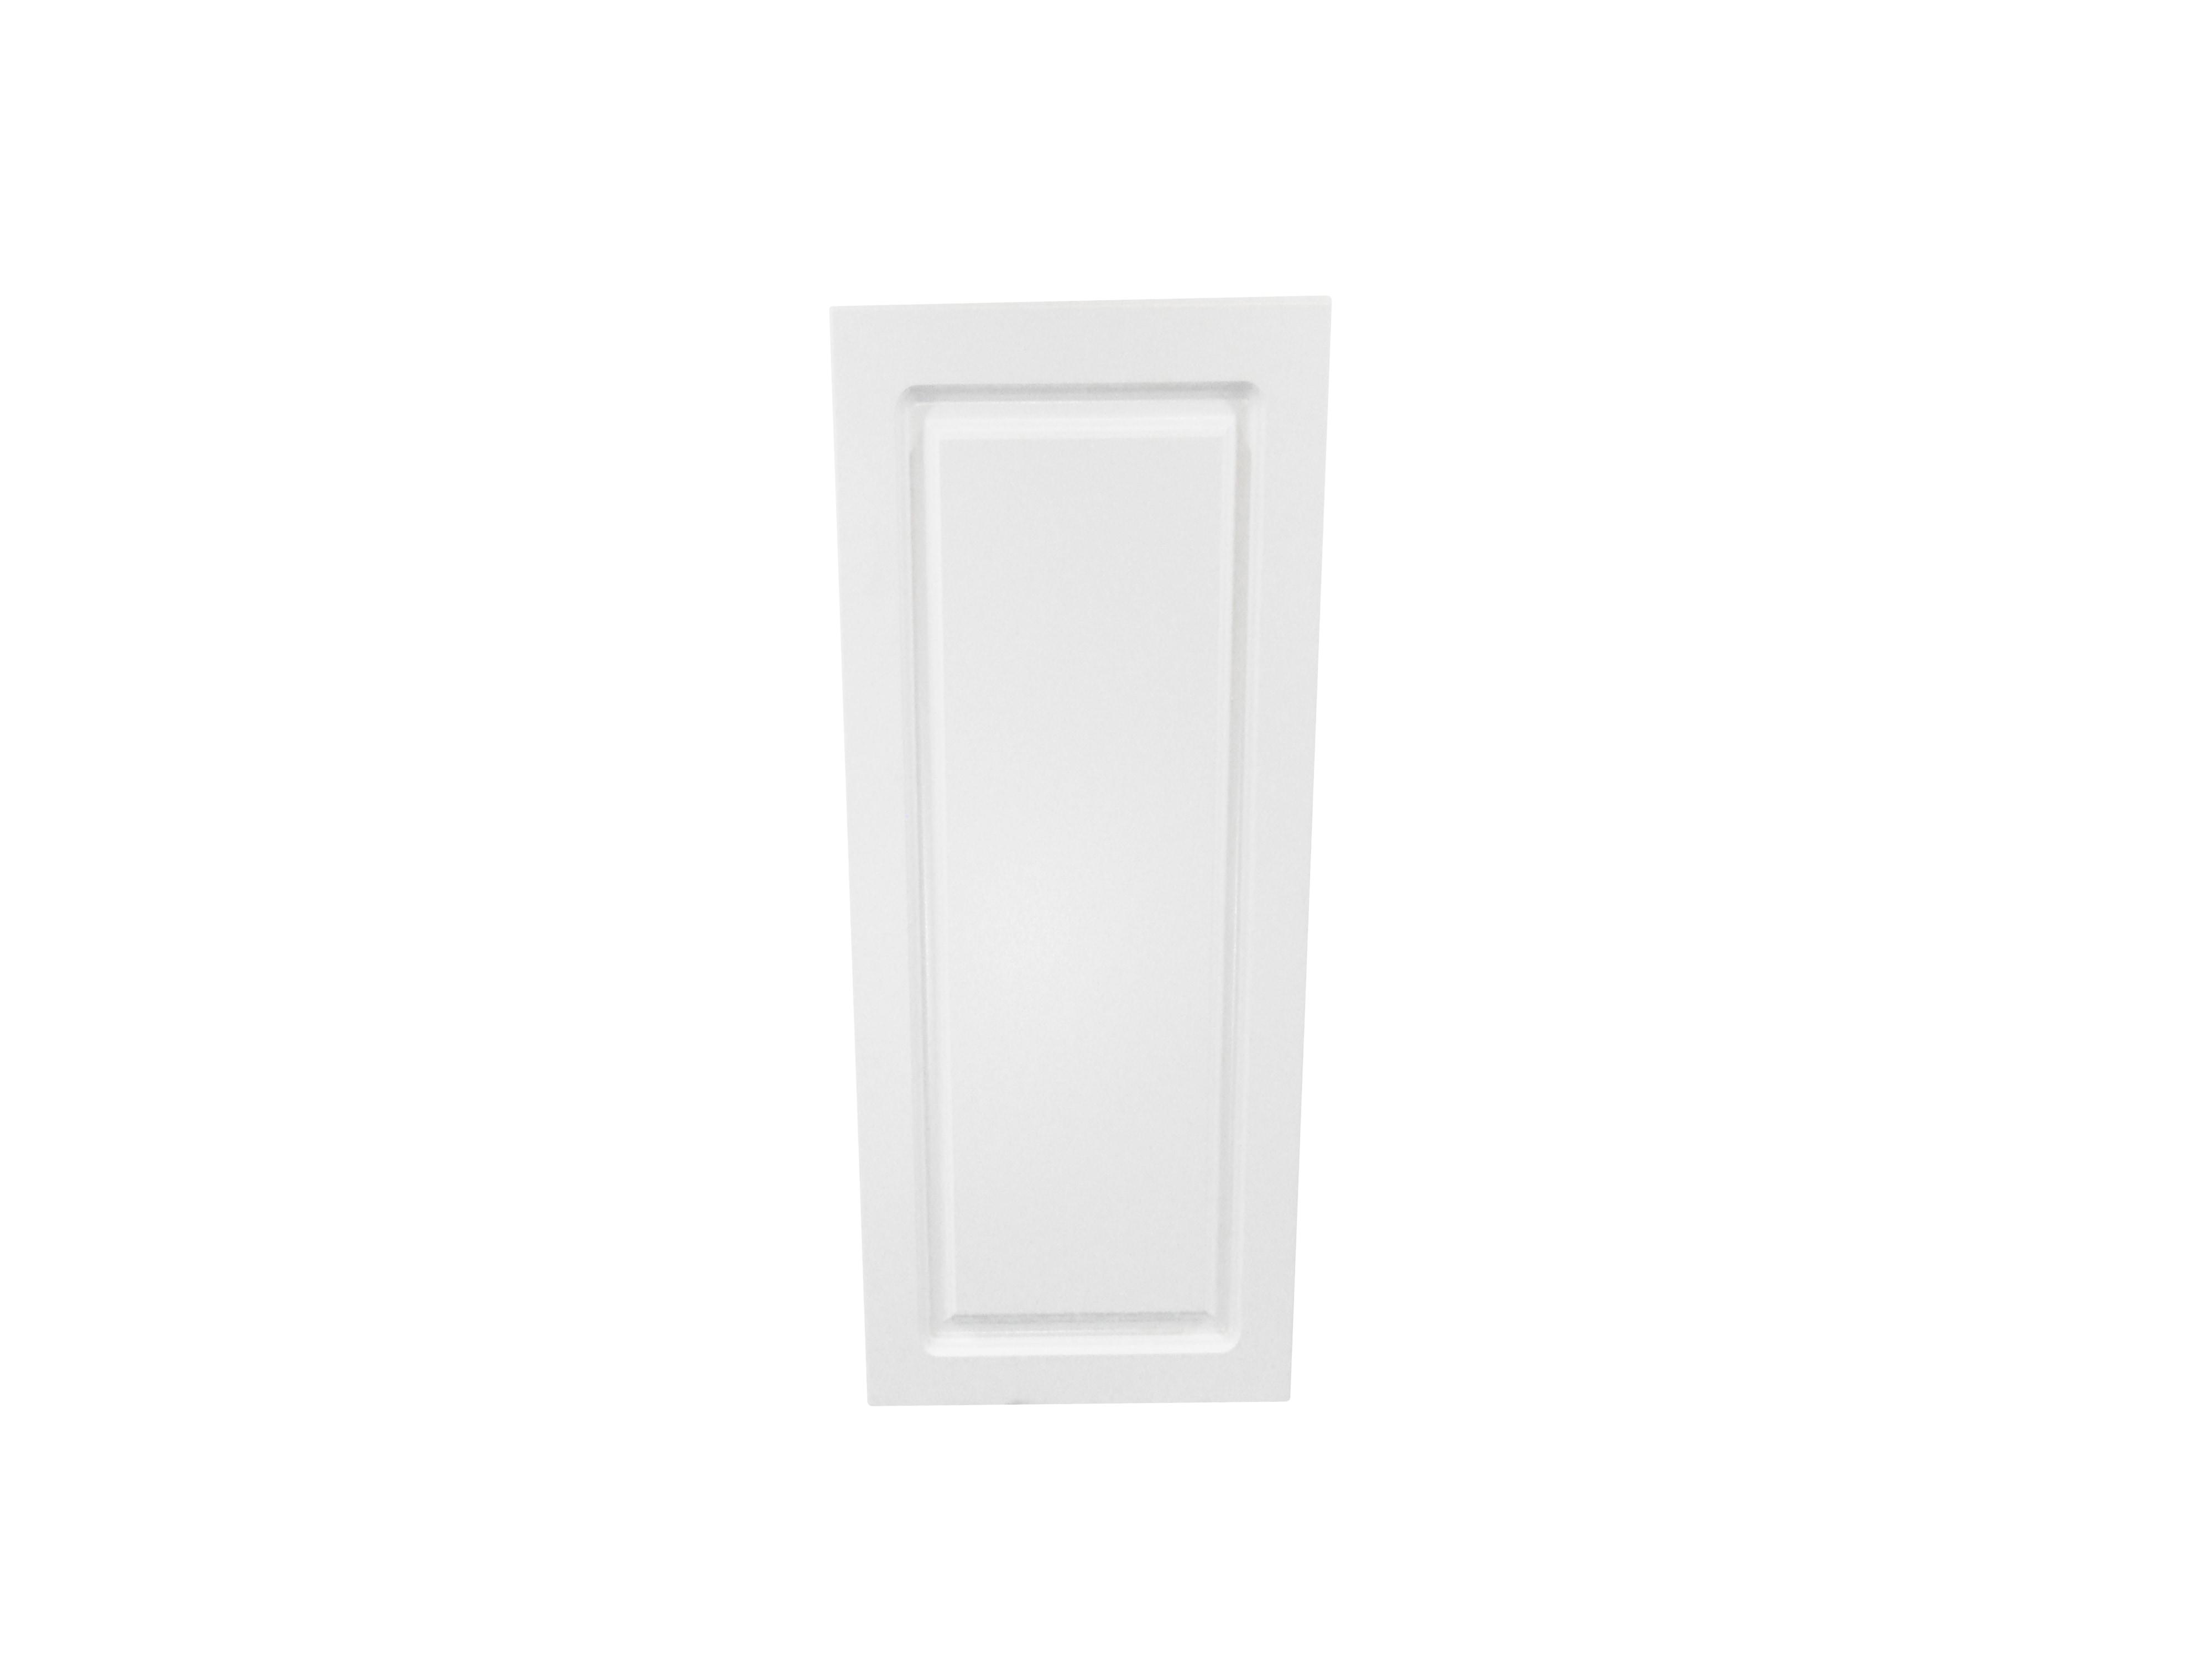 Wall Cabinet / San Juan / Raised Panel White / 09x30 San Juan 0